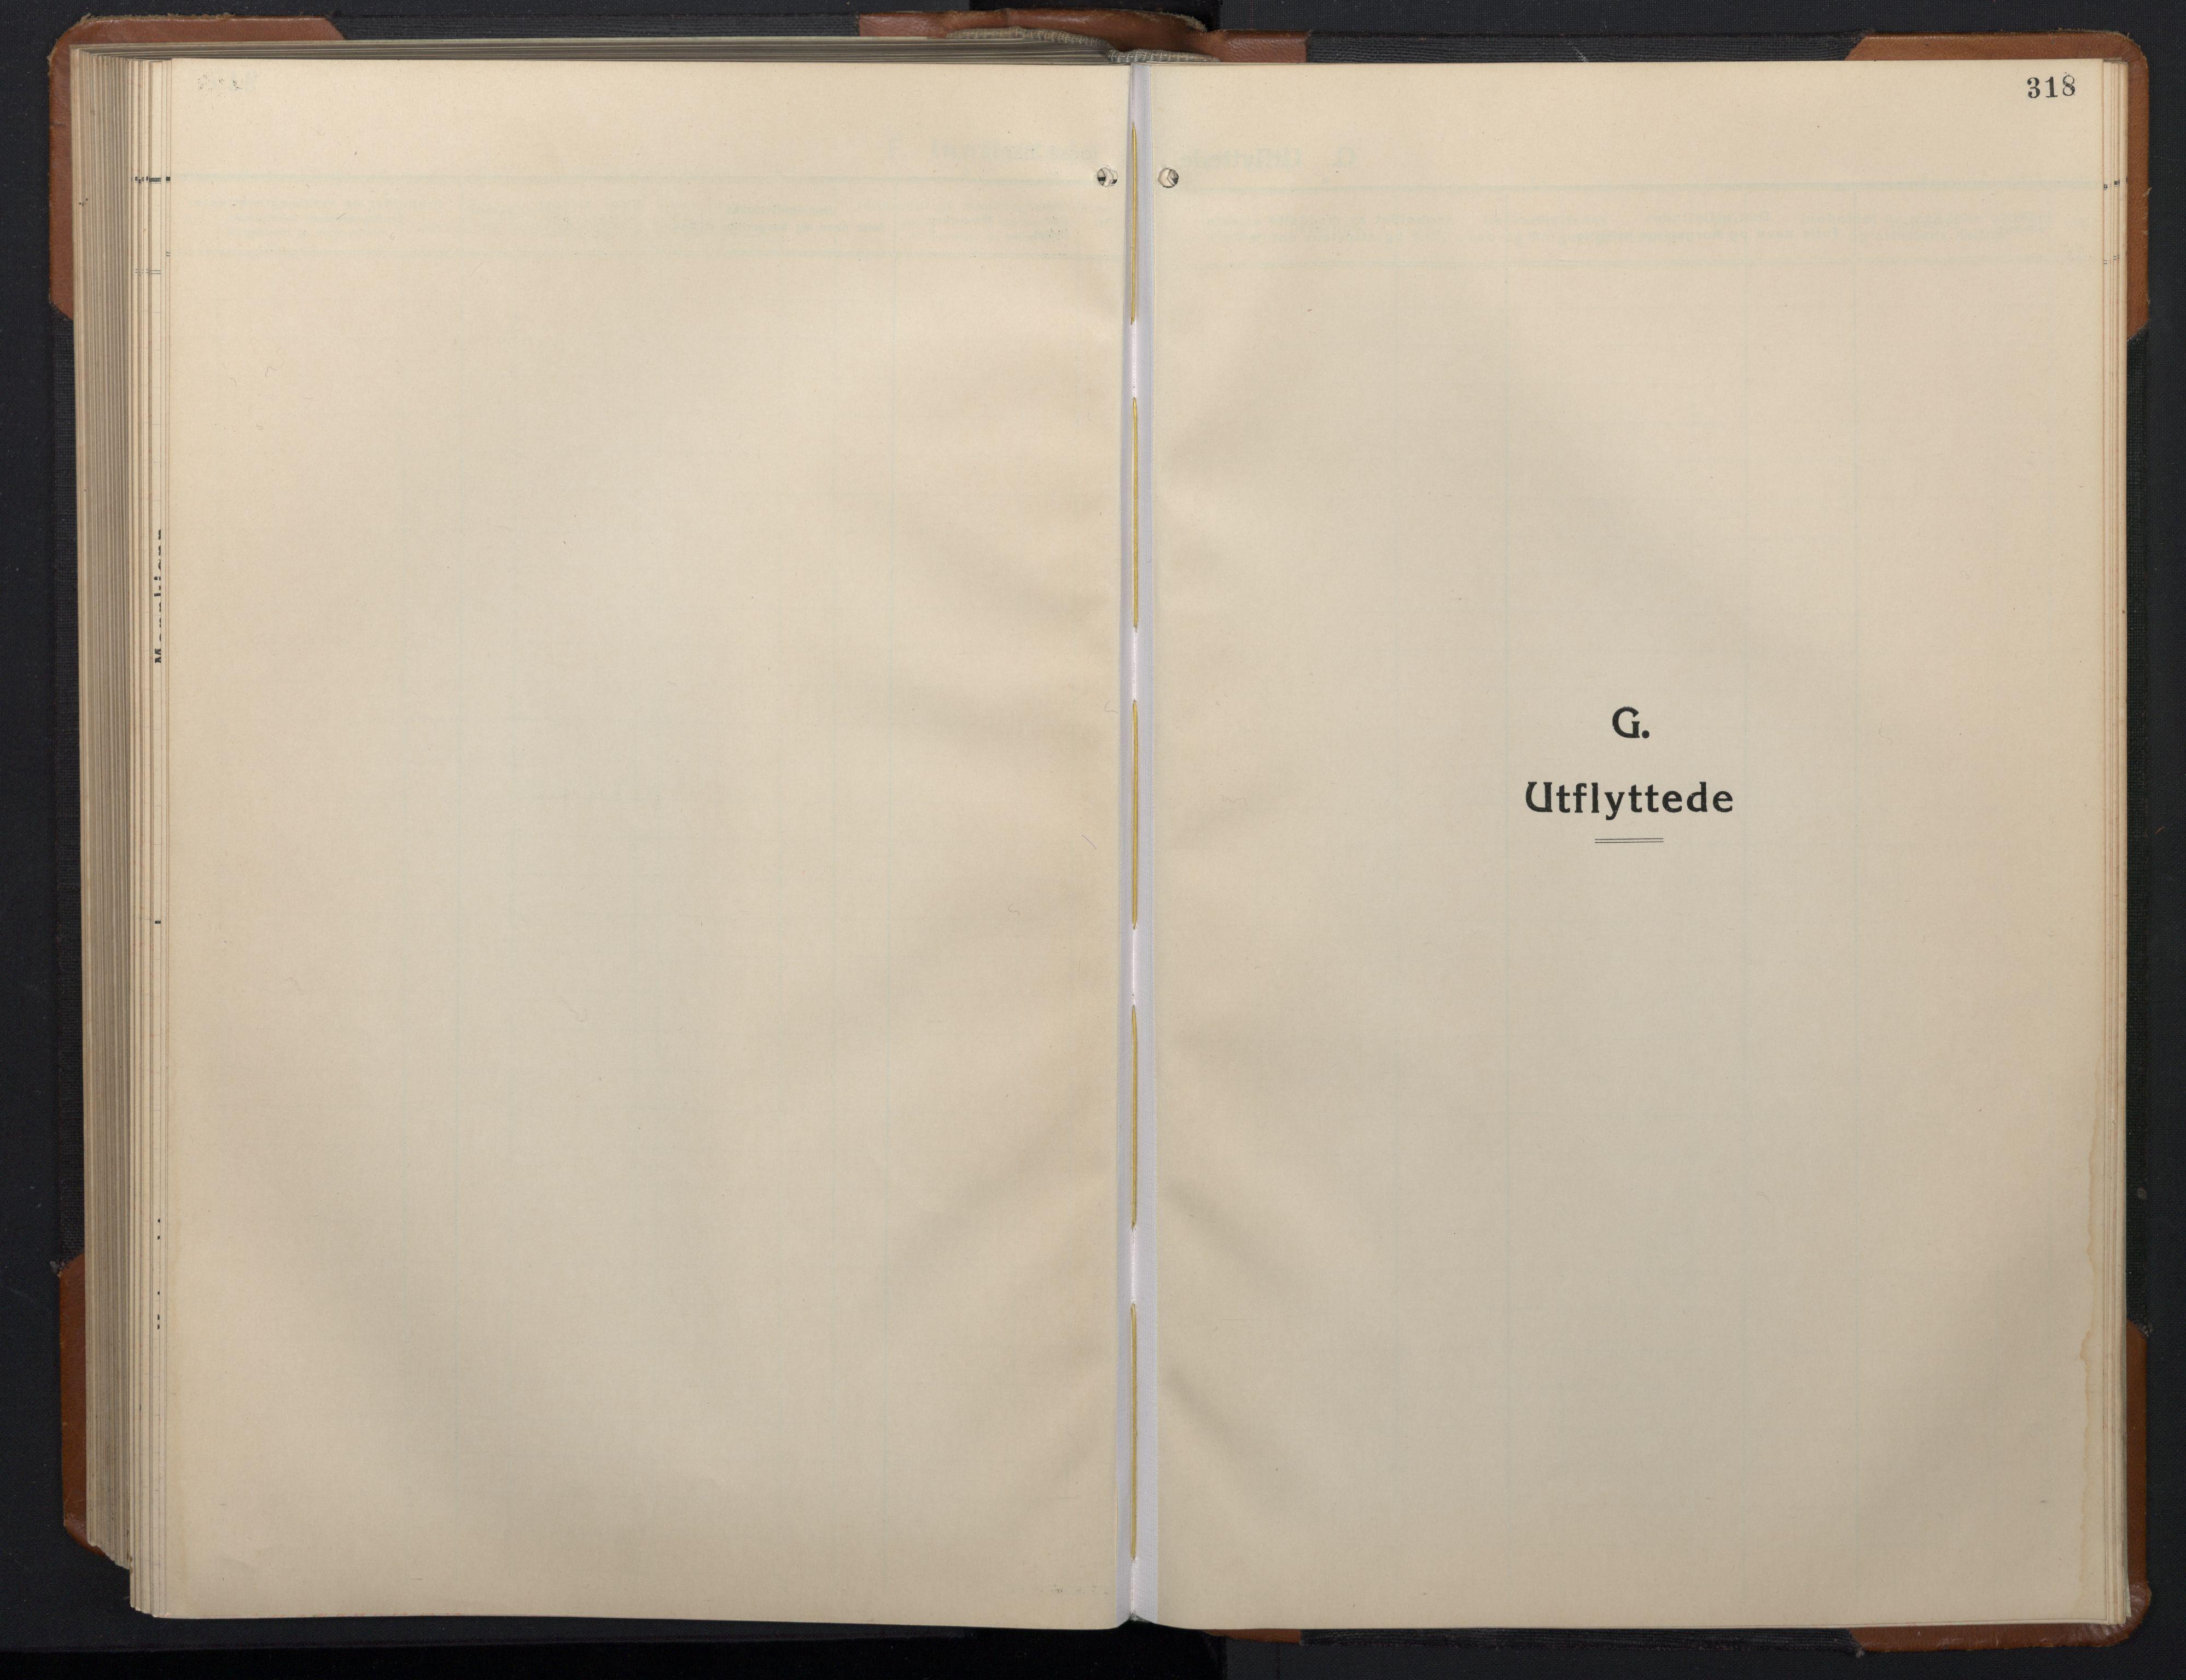 SAT, Ministerialprotokoller, klokkerbøker og fødselsregistre - Sør-Trøndelag, 657/L0718: Klokkerbok nr. 657C05, 1923-1948, s. 318